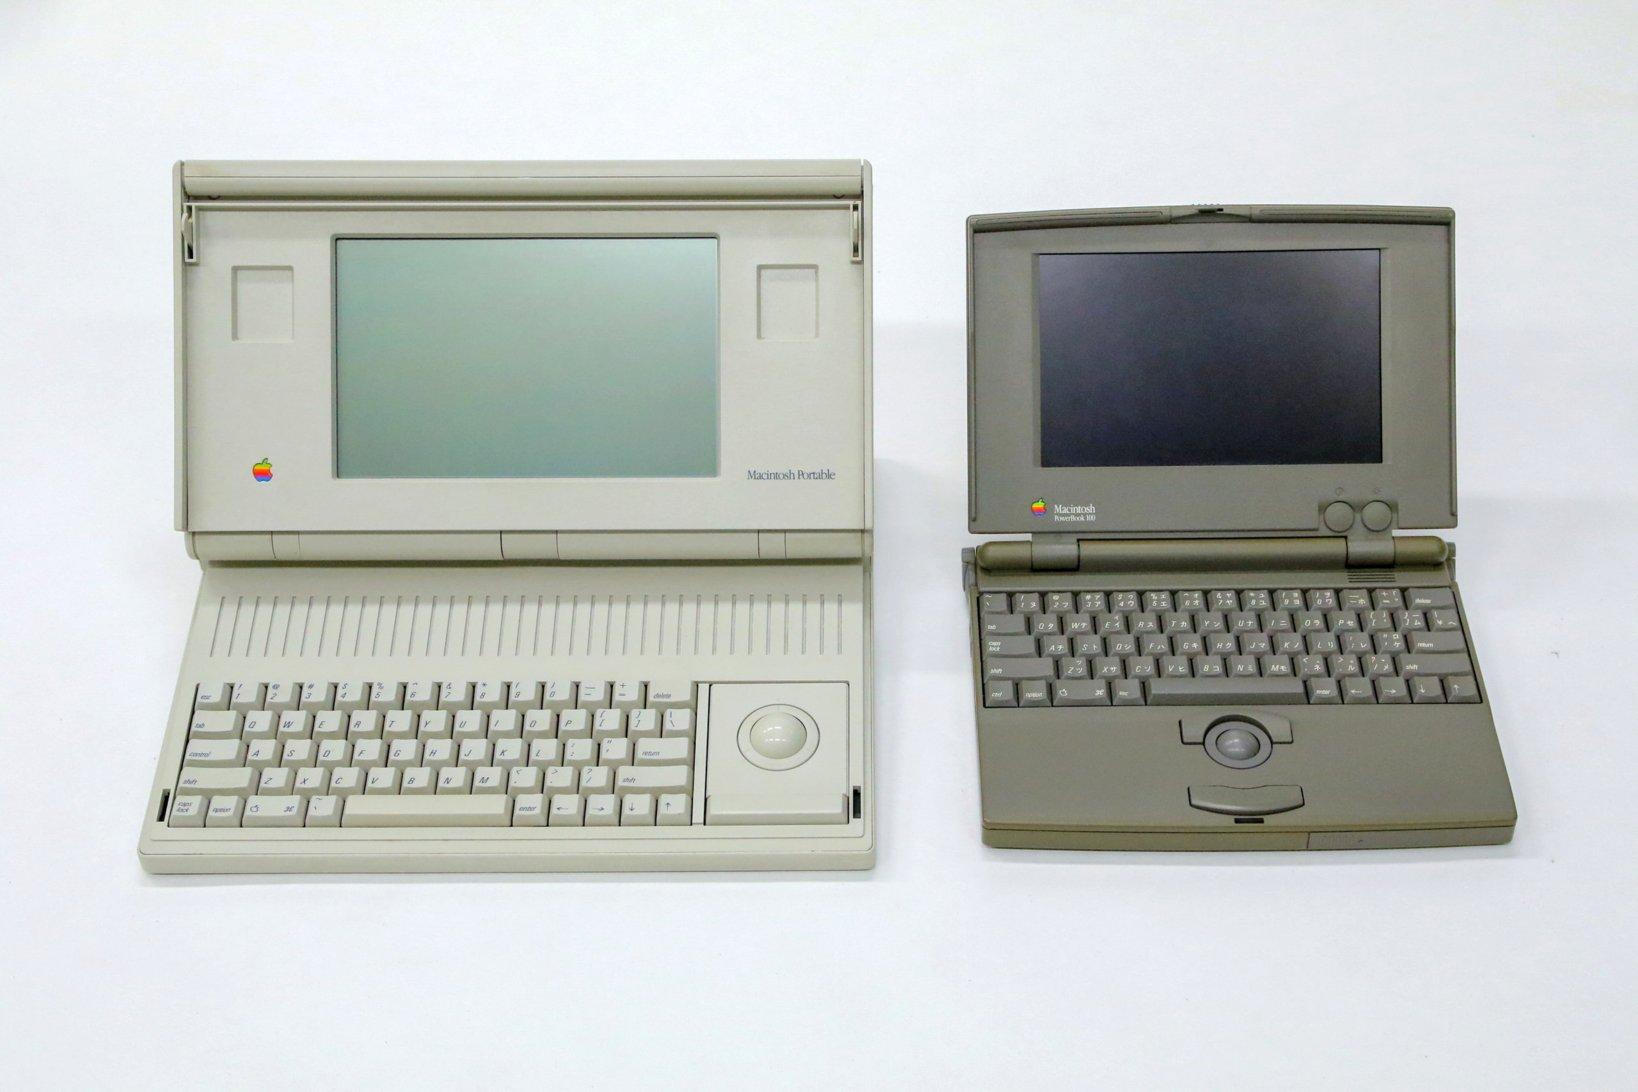 Macintosh Portable(左)のトラックボールは10キーと交換可能で、利き腕に合わせてキーボードと左右を入れ替えることもできる。トラックボールがセンター配置のPowerBook 100は、その後のノートPCデザインの原型となった。